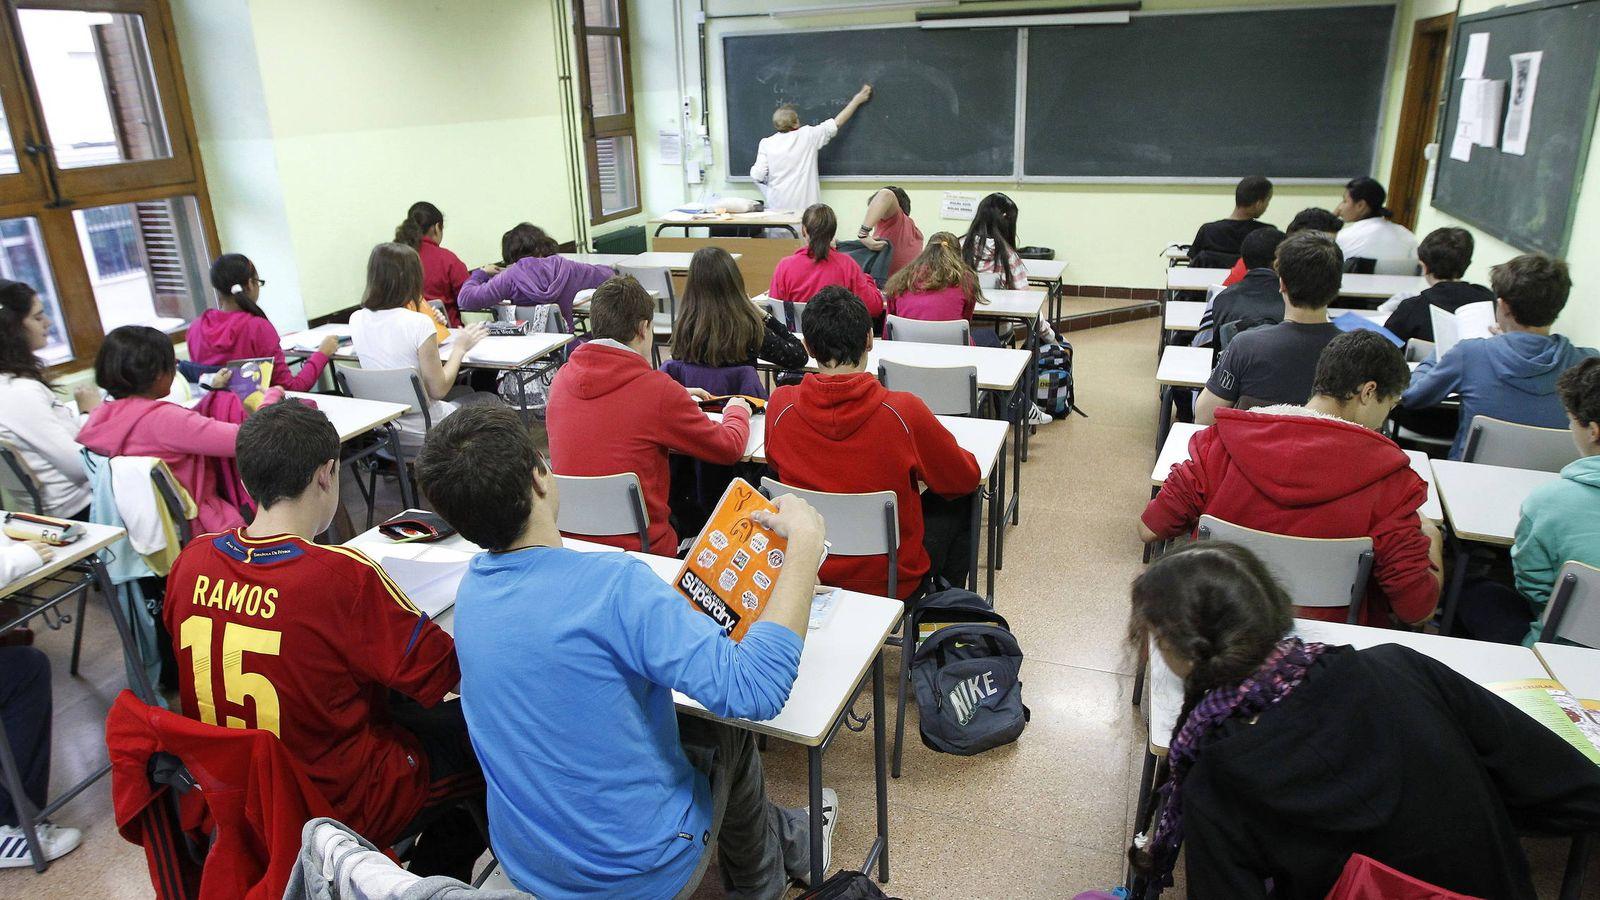 Foto: Vista general de un aula. (EFE)